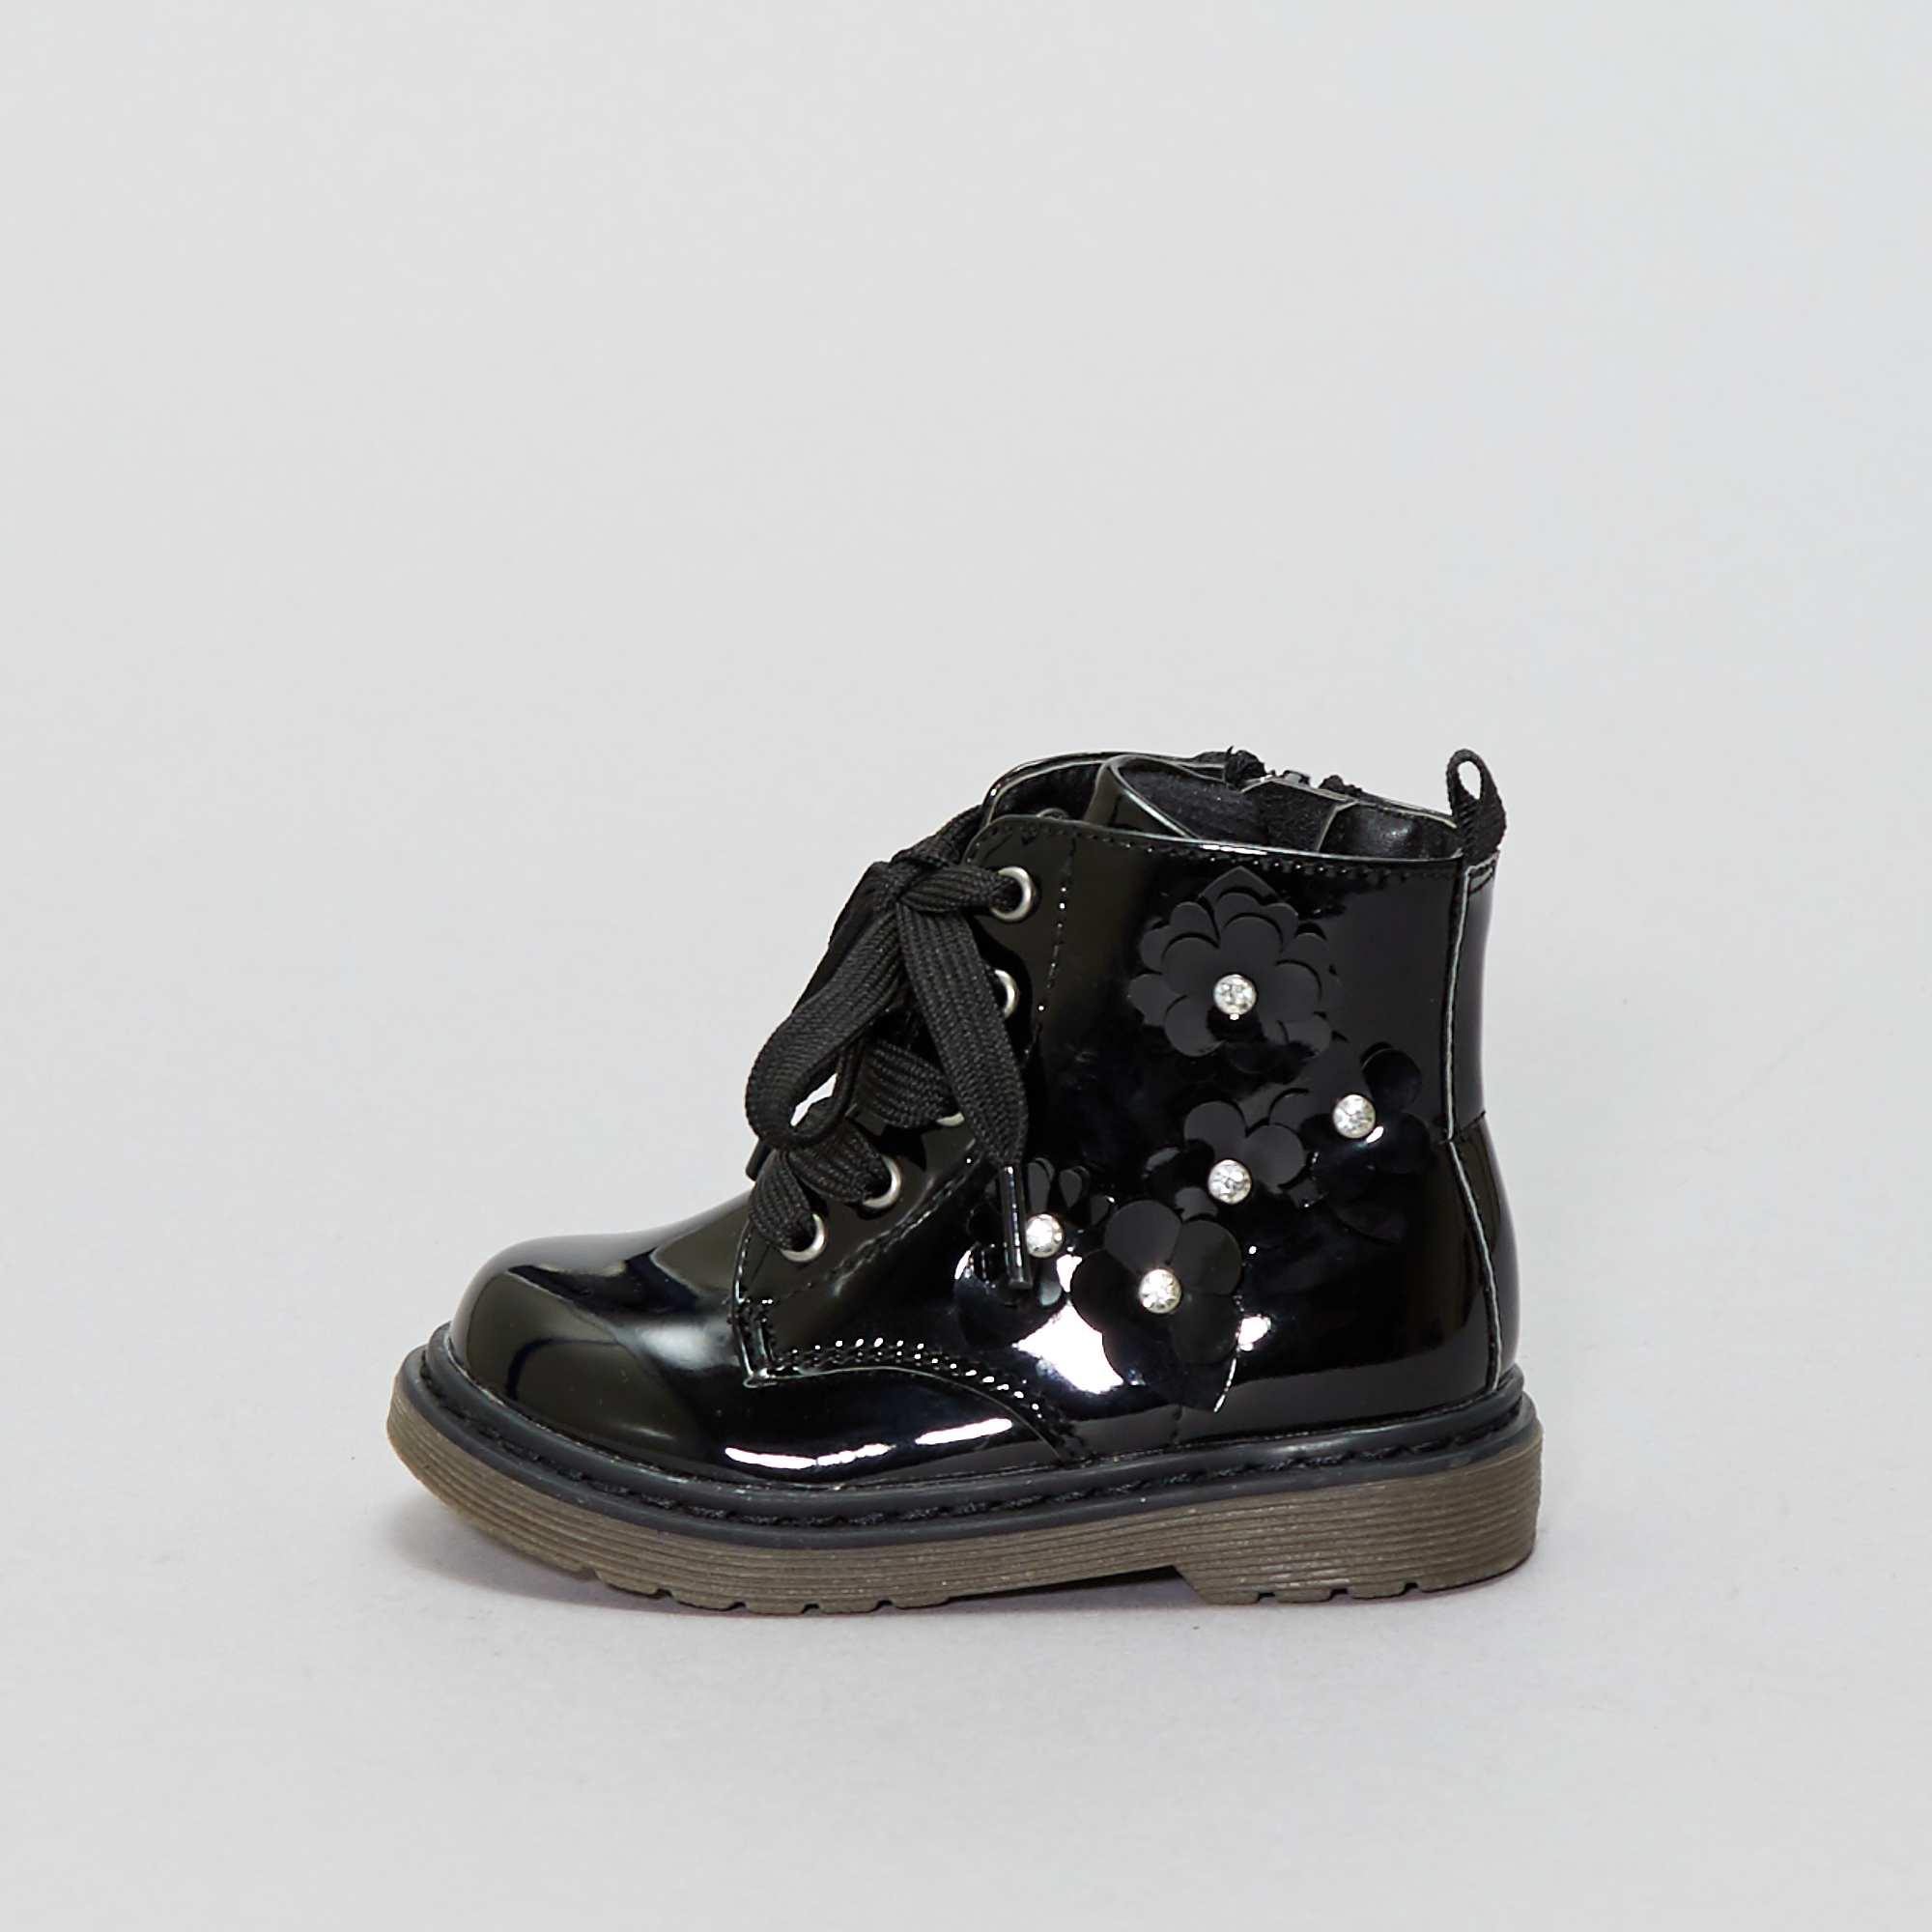 9e0dd28a143 Botines de estilo  montañero  Chica - negro - Kiabi - 17